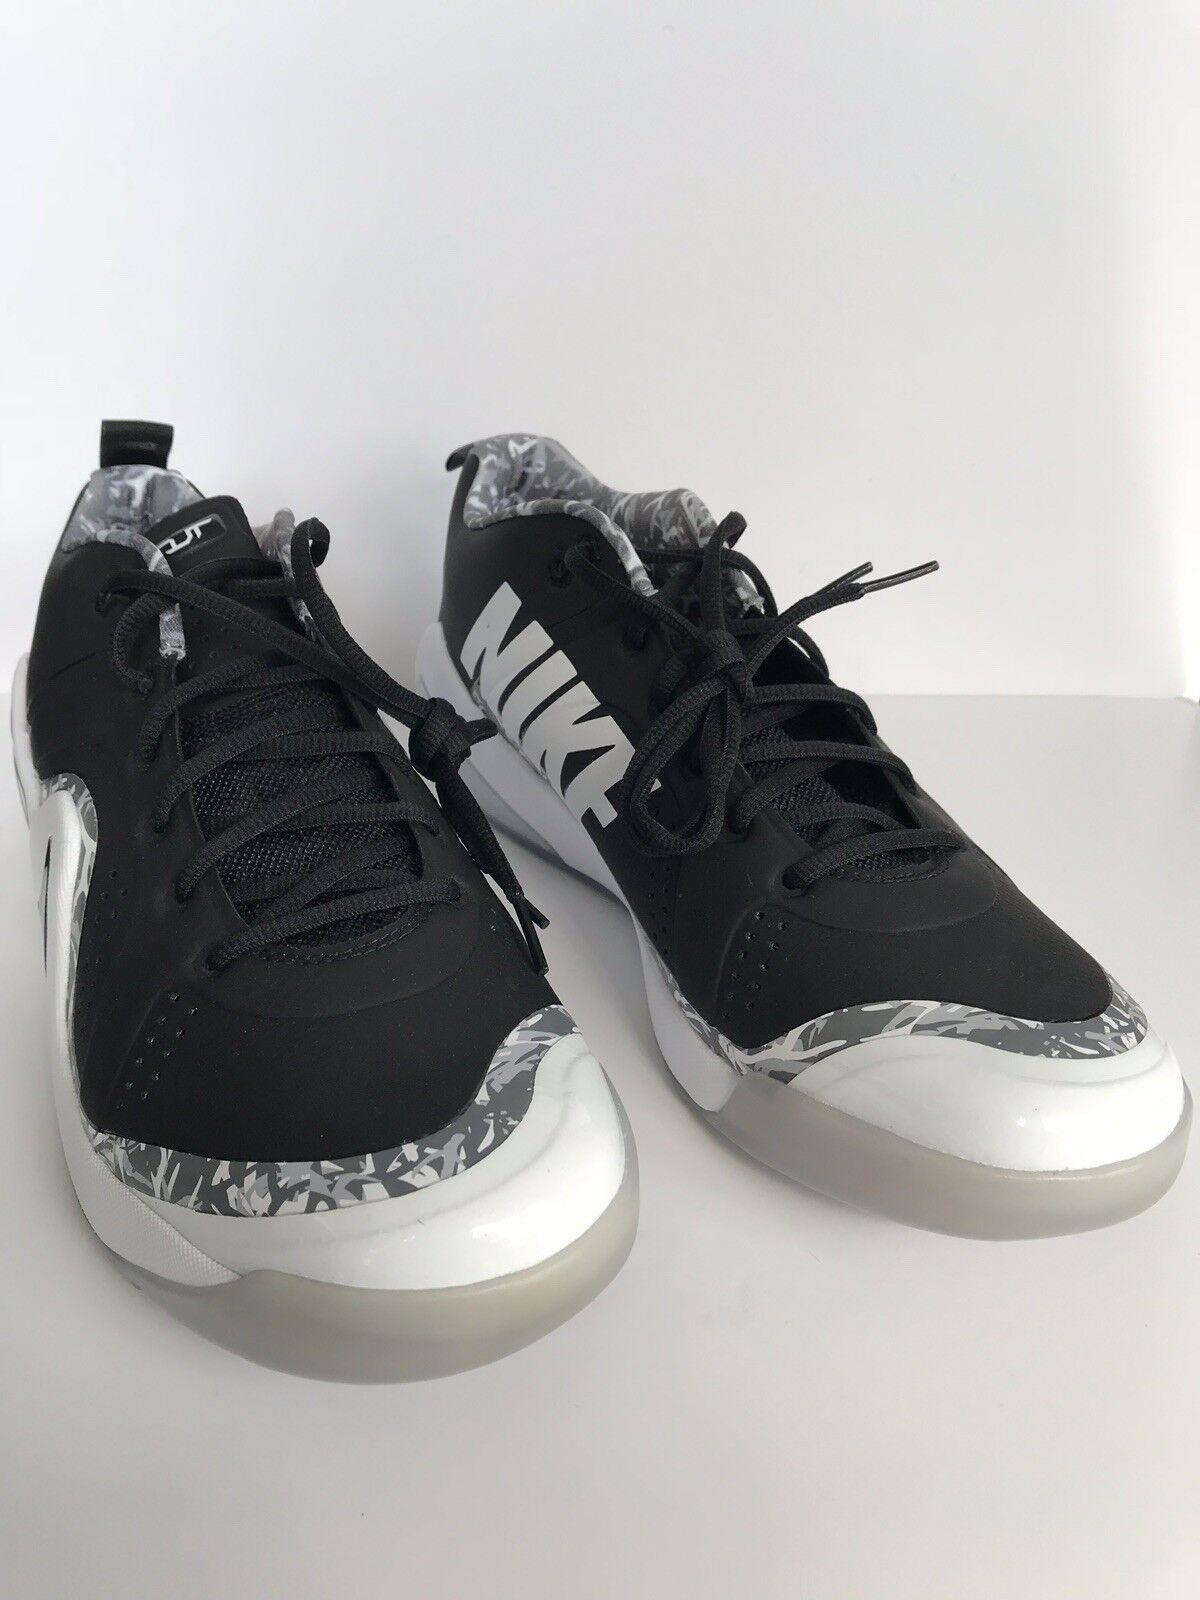 Niko  Force Zoom Trout 4 Turf scarpe -Mike Trout -917838 Dimensione 11 Baseball  liquidazione fino al 70%